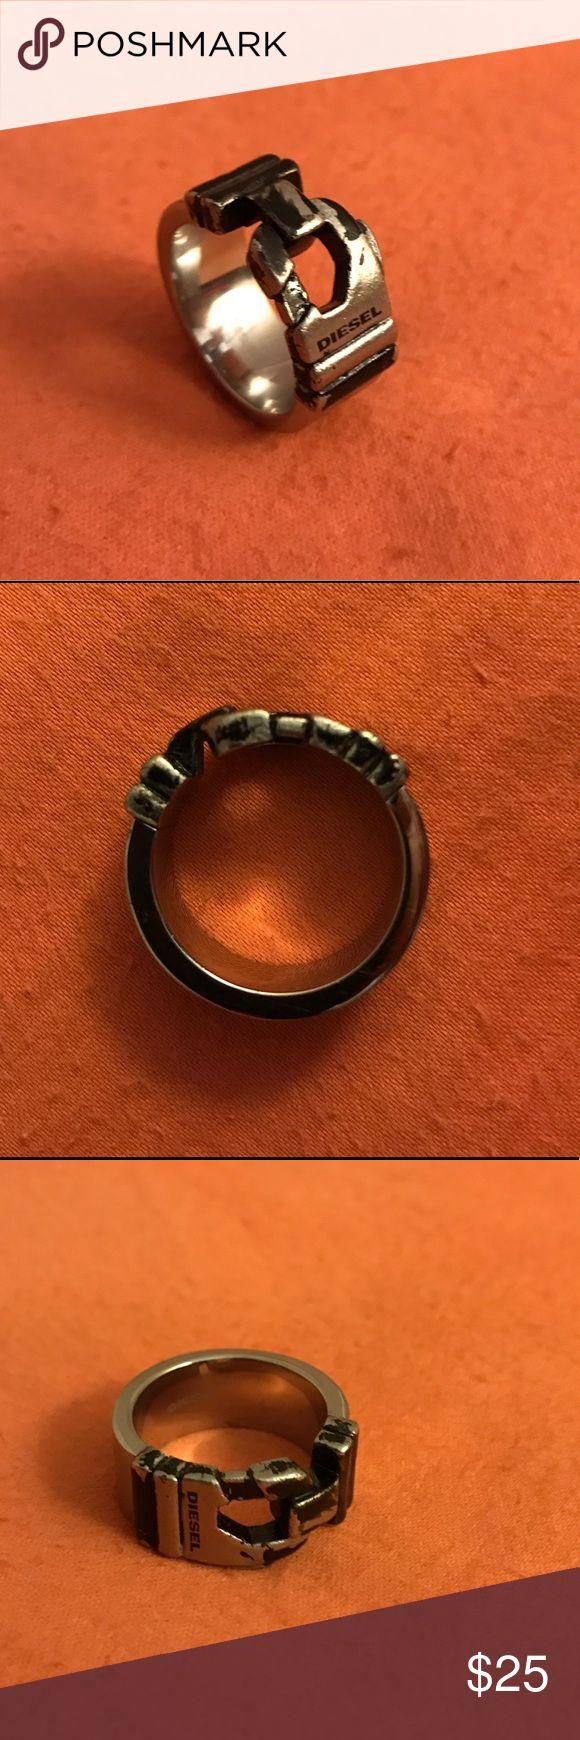 Diesel Ring Men's diesel brand ring. Stainless steel finish Diesel Accessories Jewelry